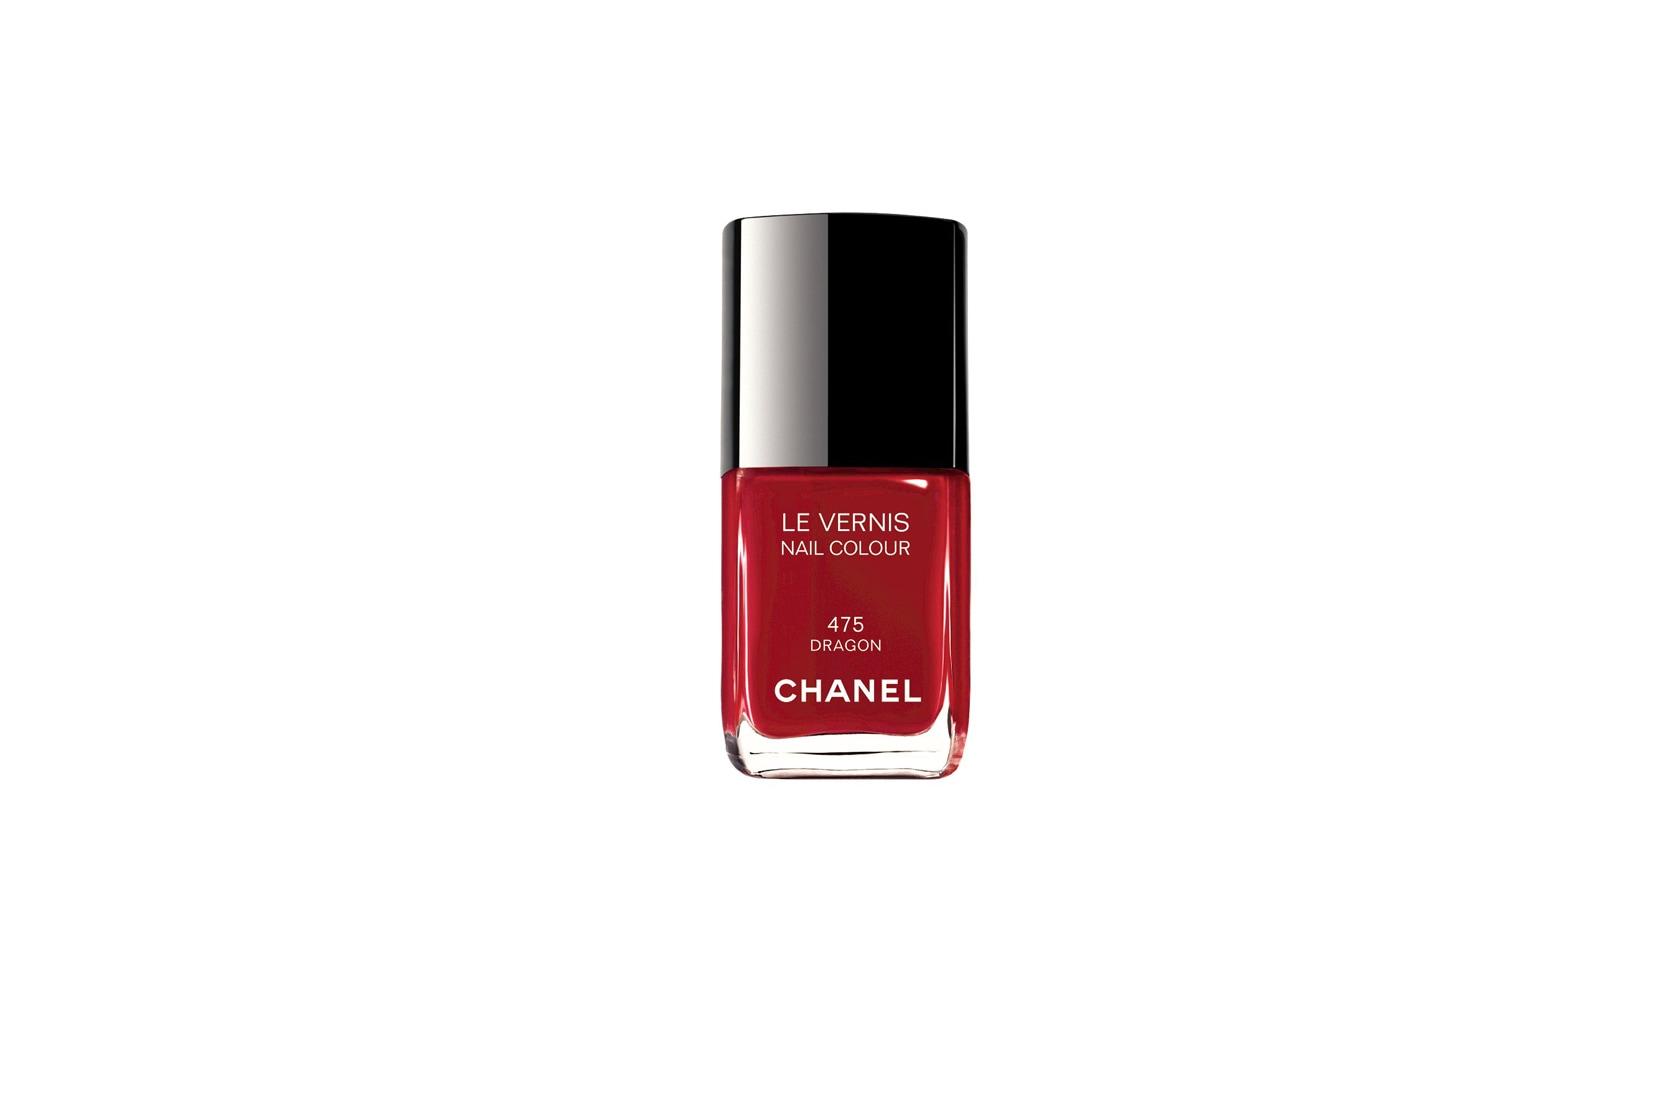 Lo smalto icona di questa stagione: Dragon di Chanel